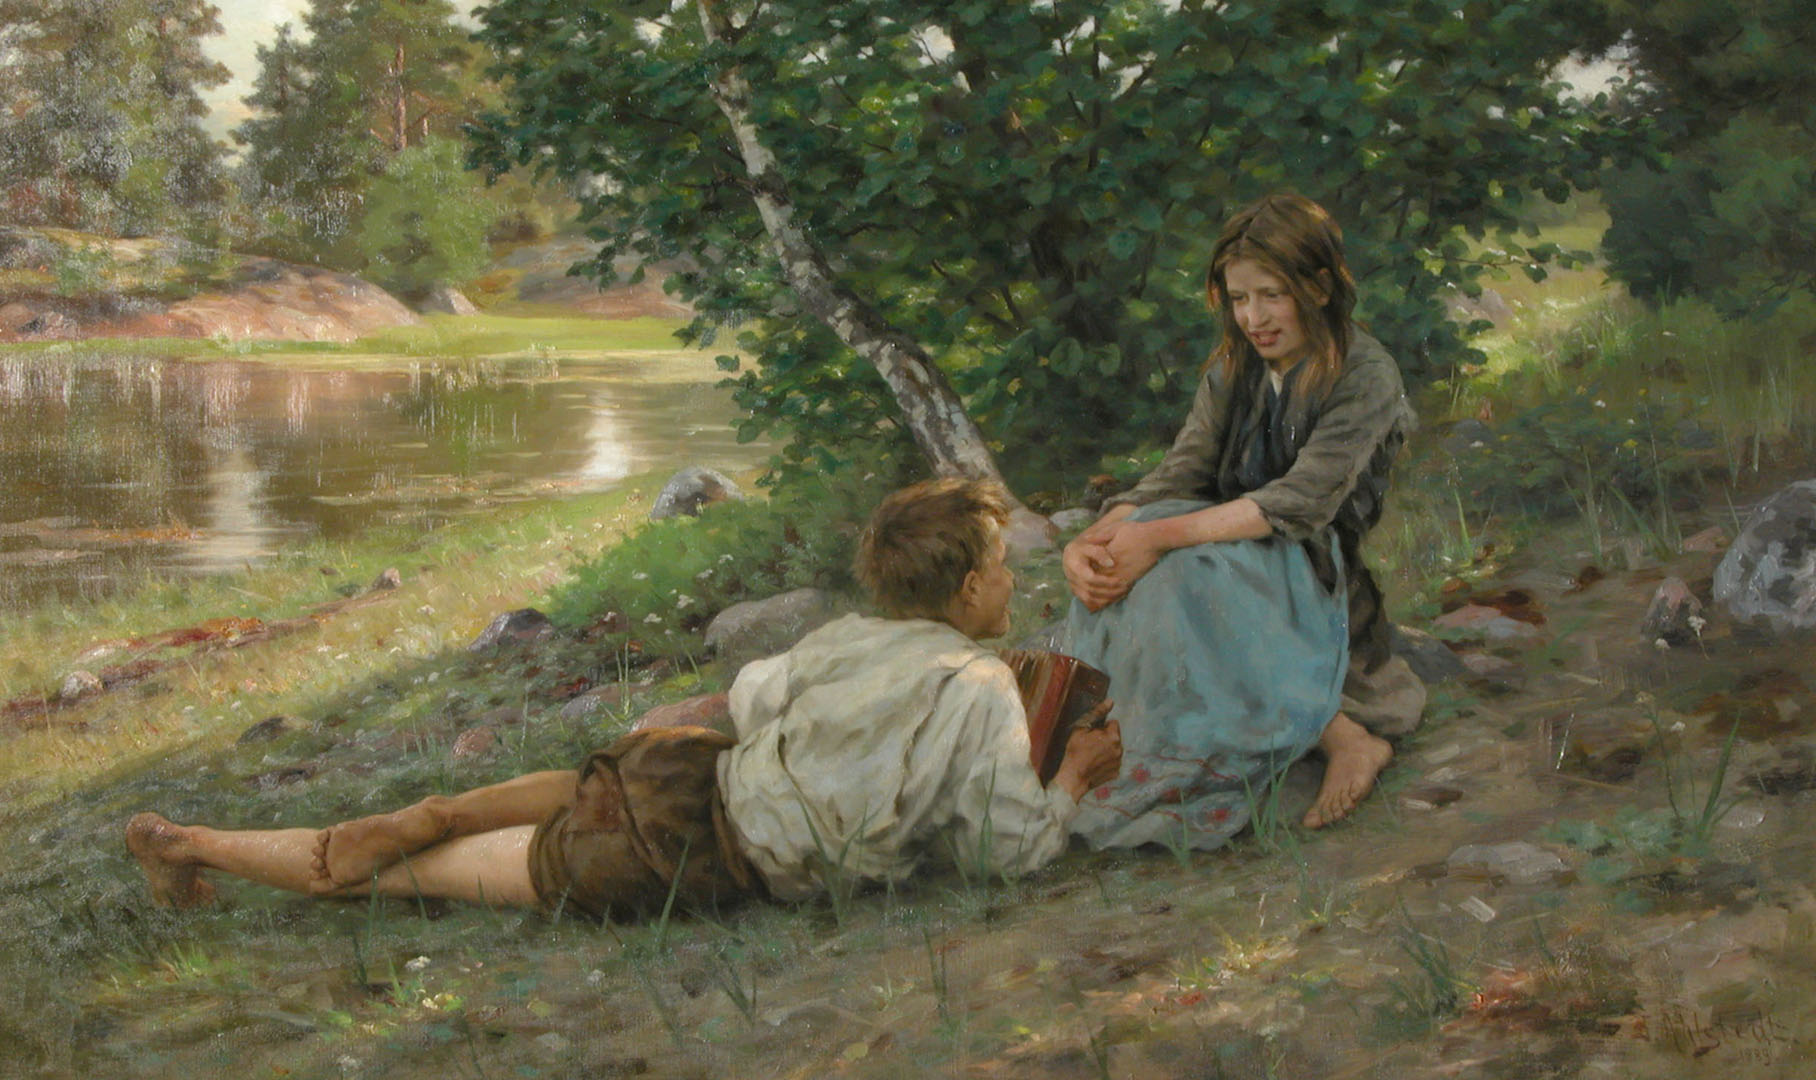 Ahlstedts oljemålning av en flicka och en pojke vid en sjöstrand